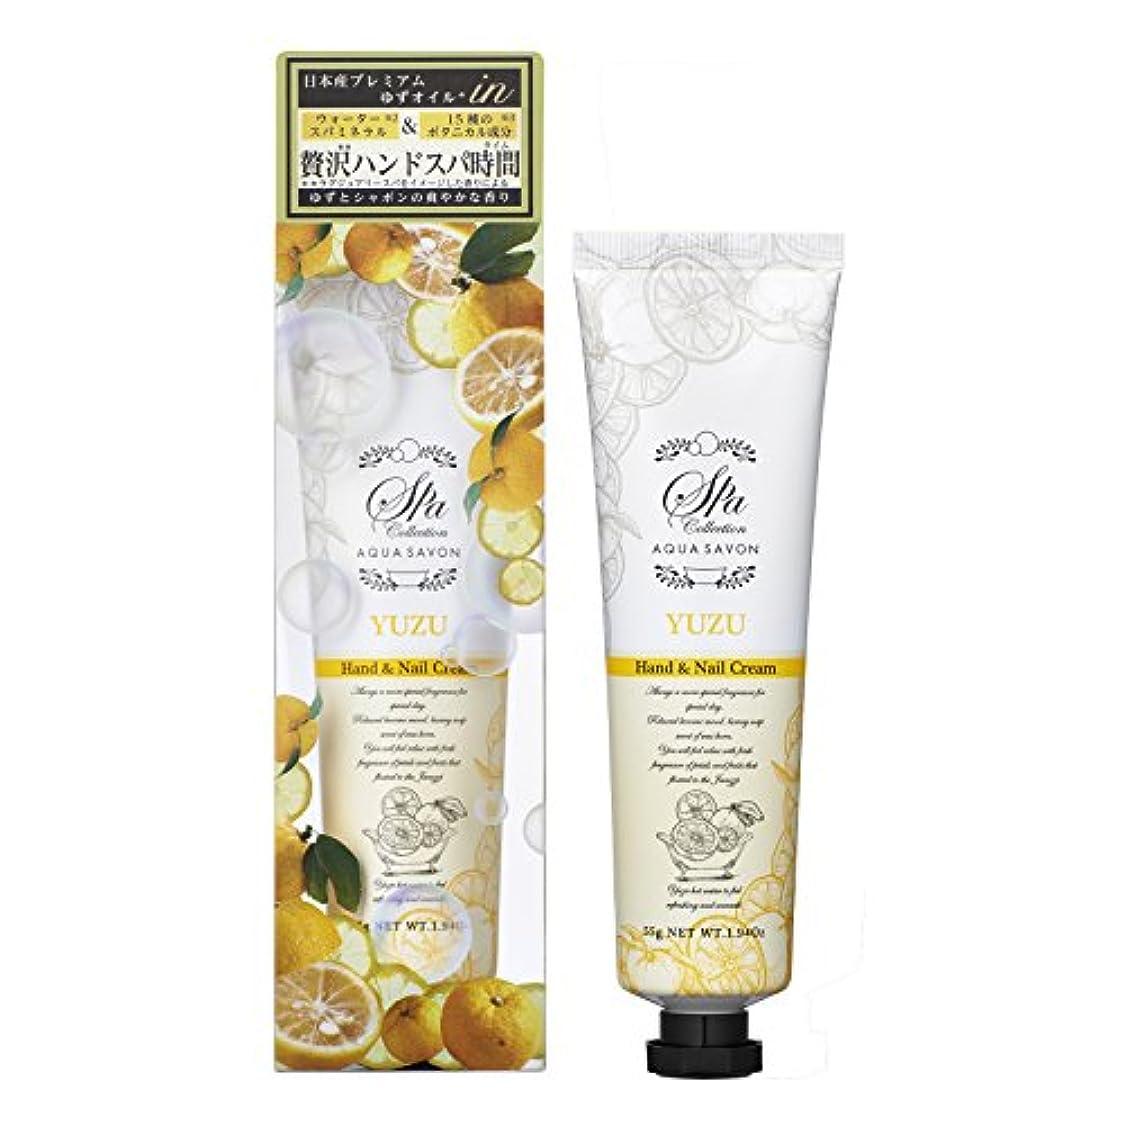 理容師識別一節アクアシャボン スパコレクション ハンド&ネイルクリーム ゆずスパの香り 55g